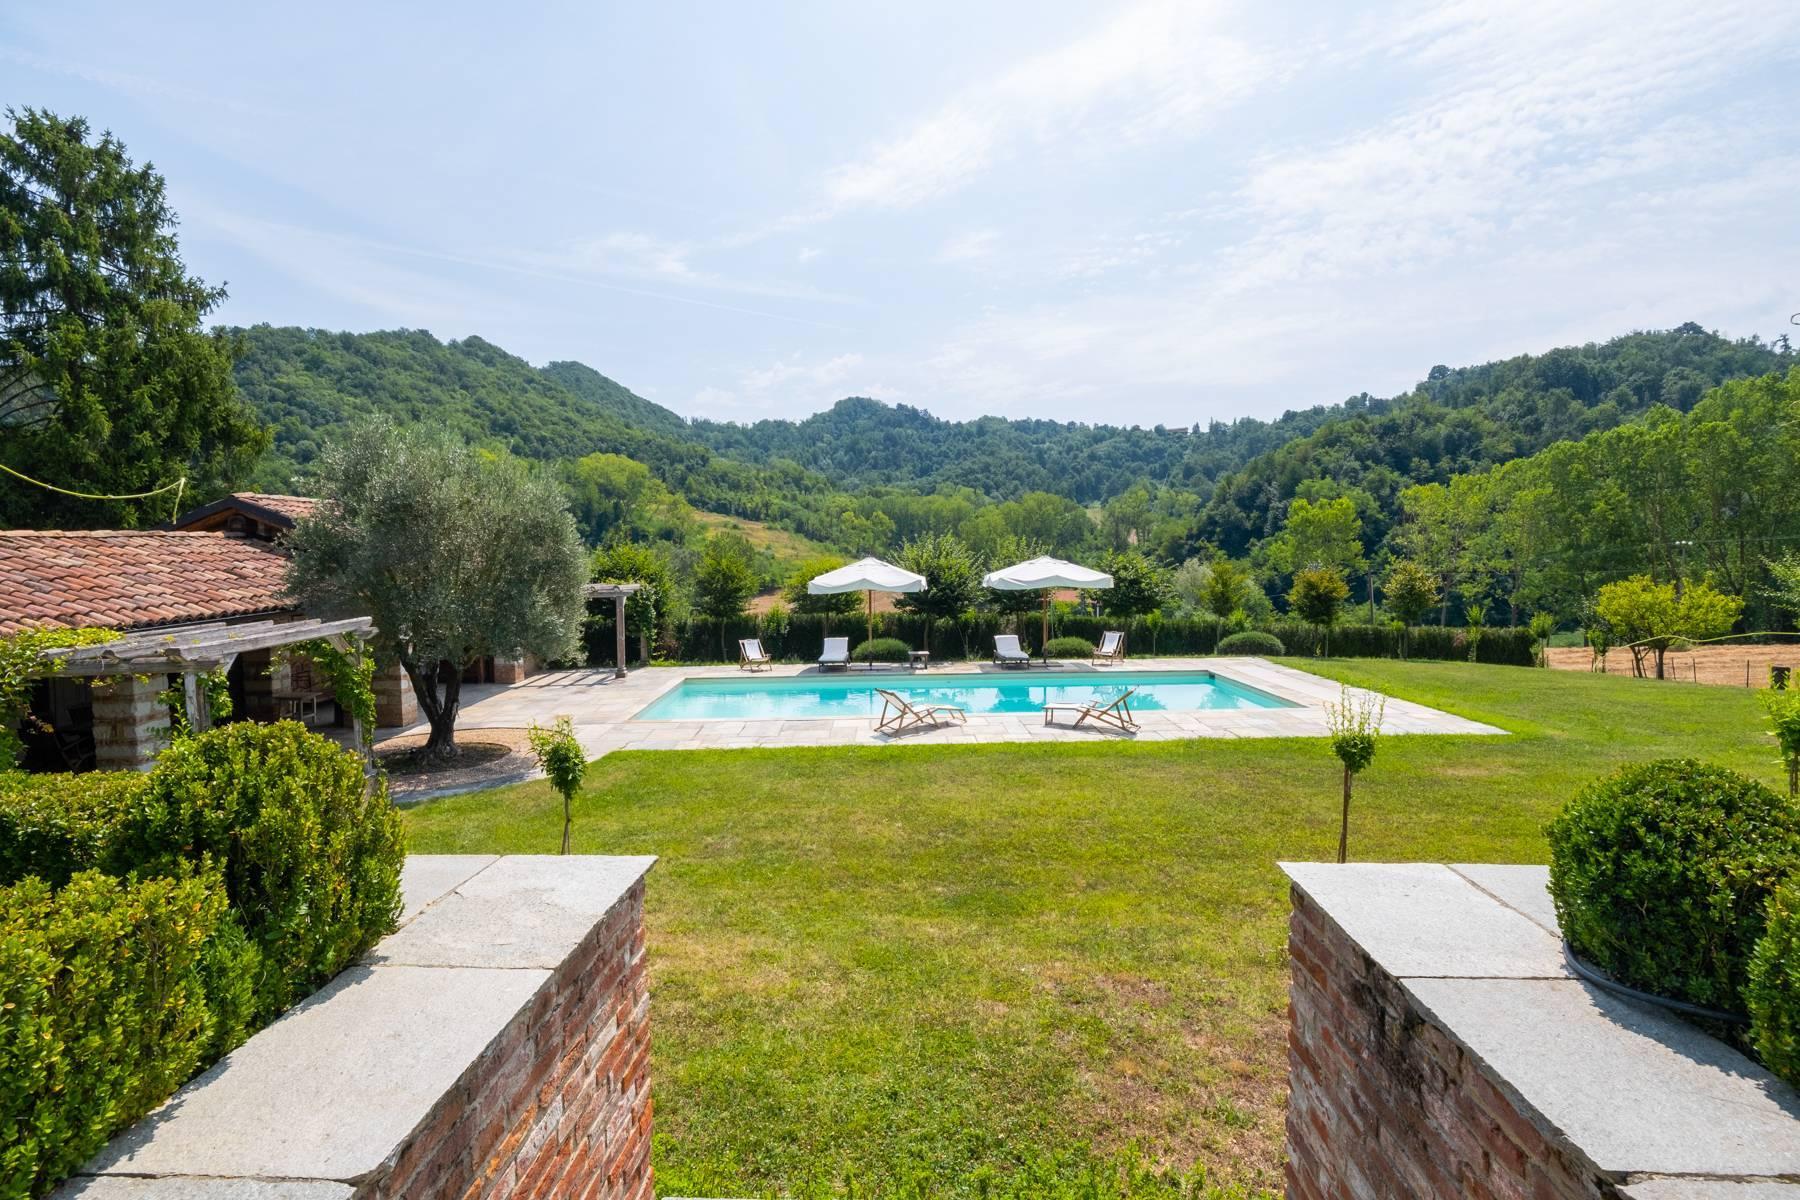 Affascinante casale con piscina nel verde delle colline del Monferrato - 2